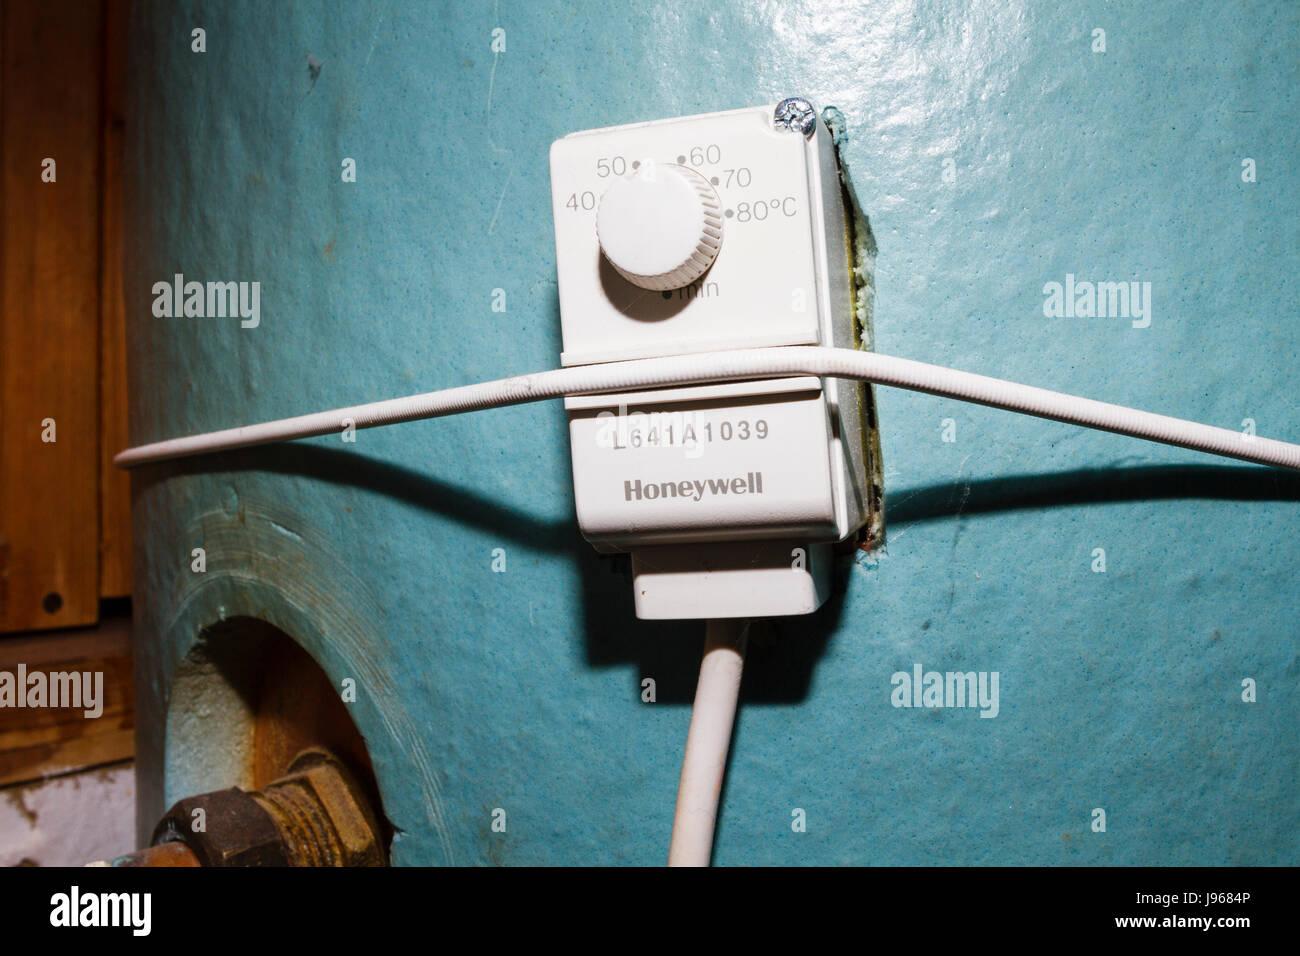 Hot Water Tank Stock Photos & Hot Water Tank Stock Images - Alamy